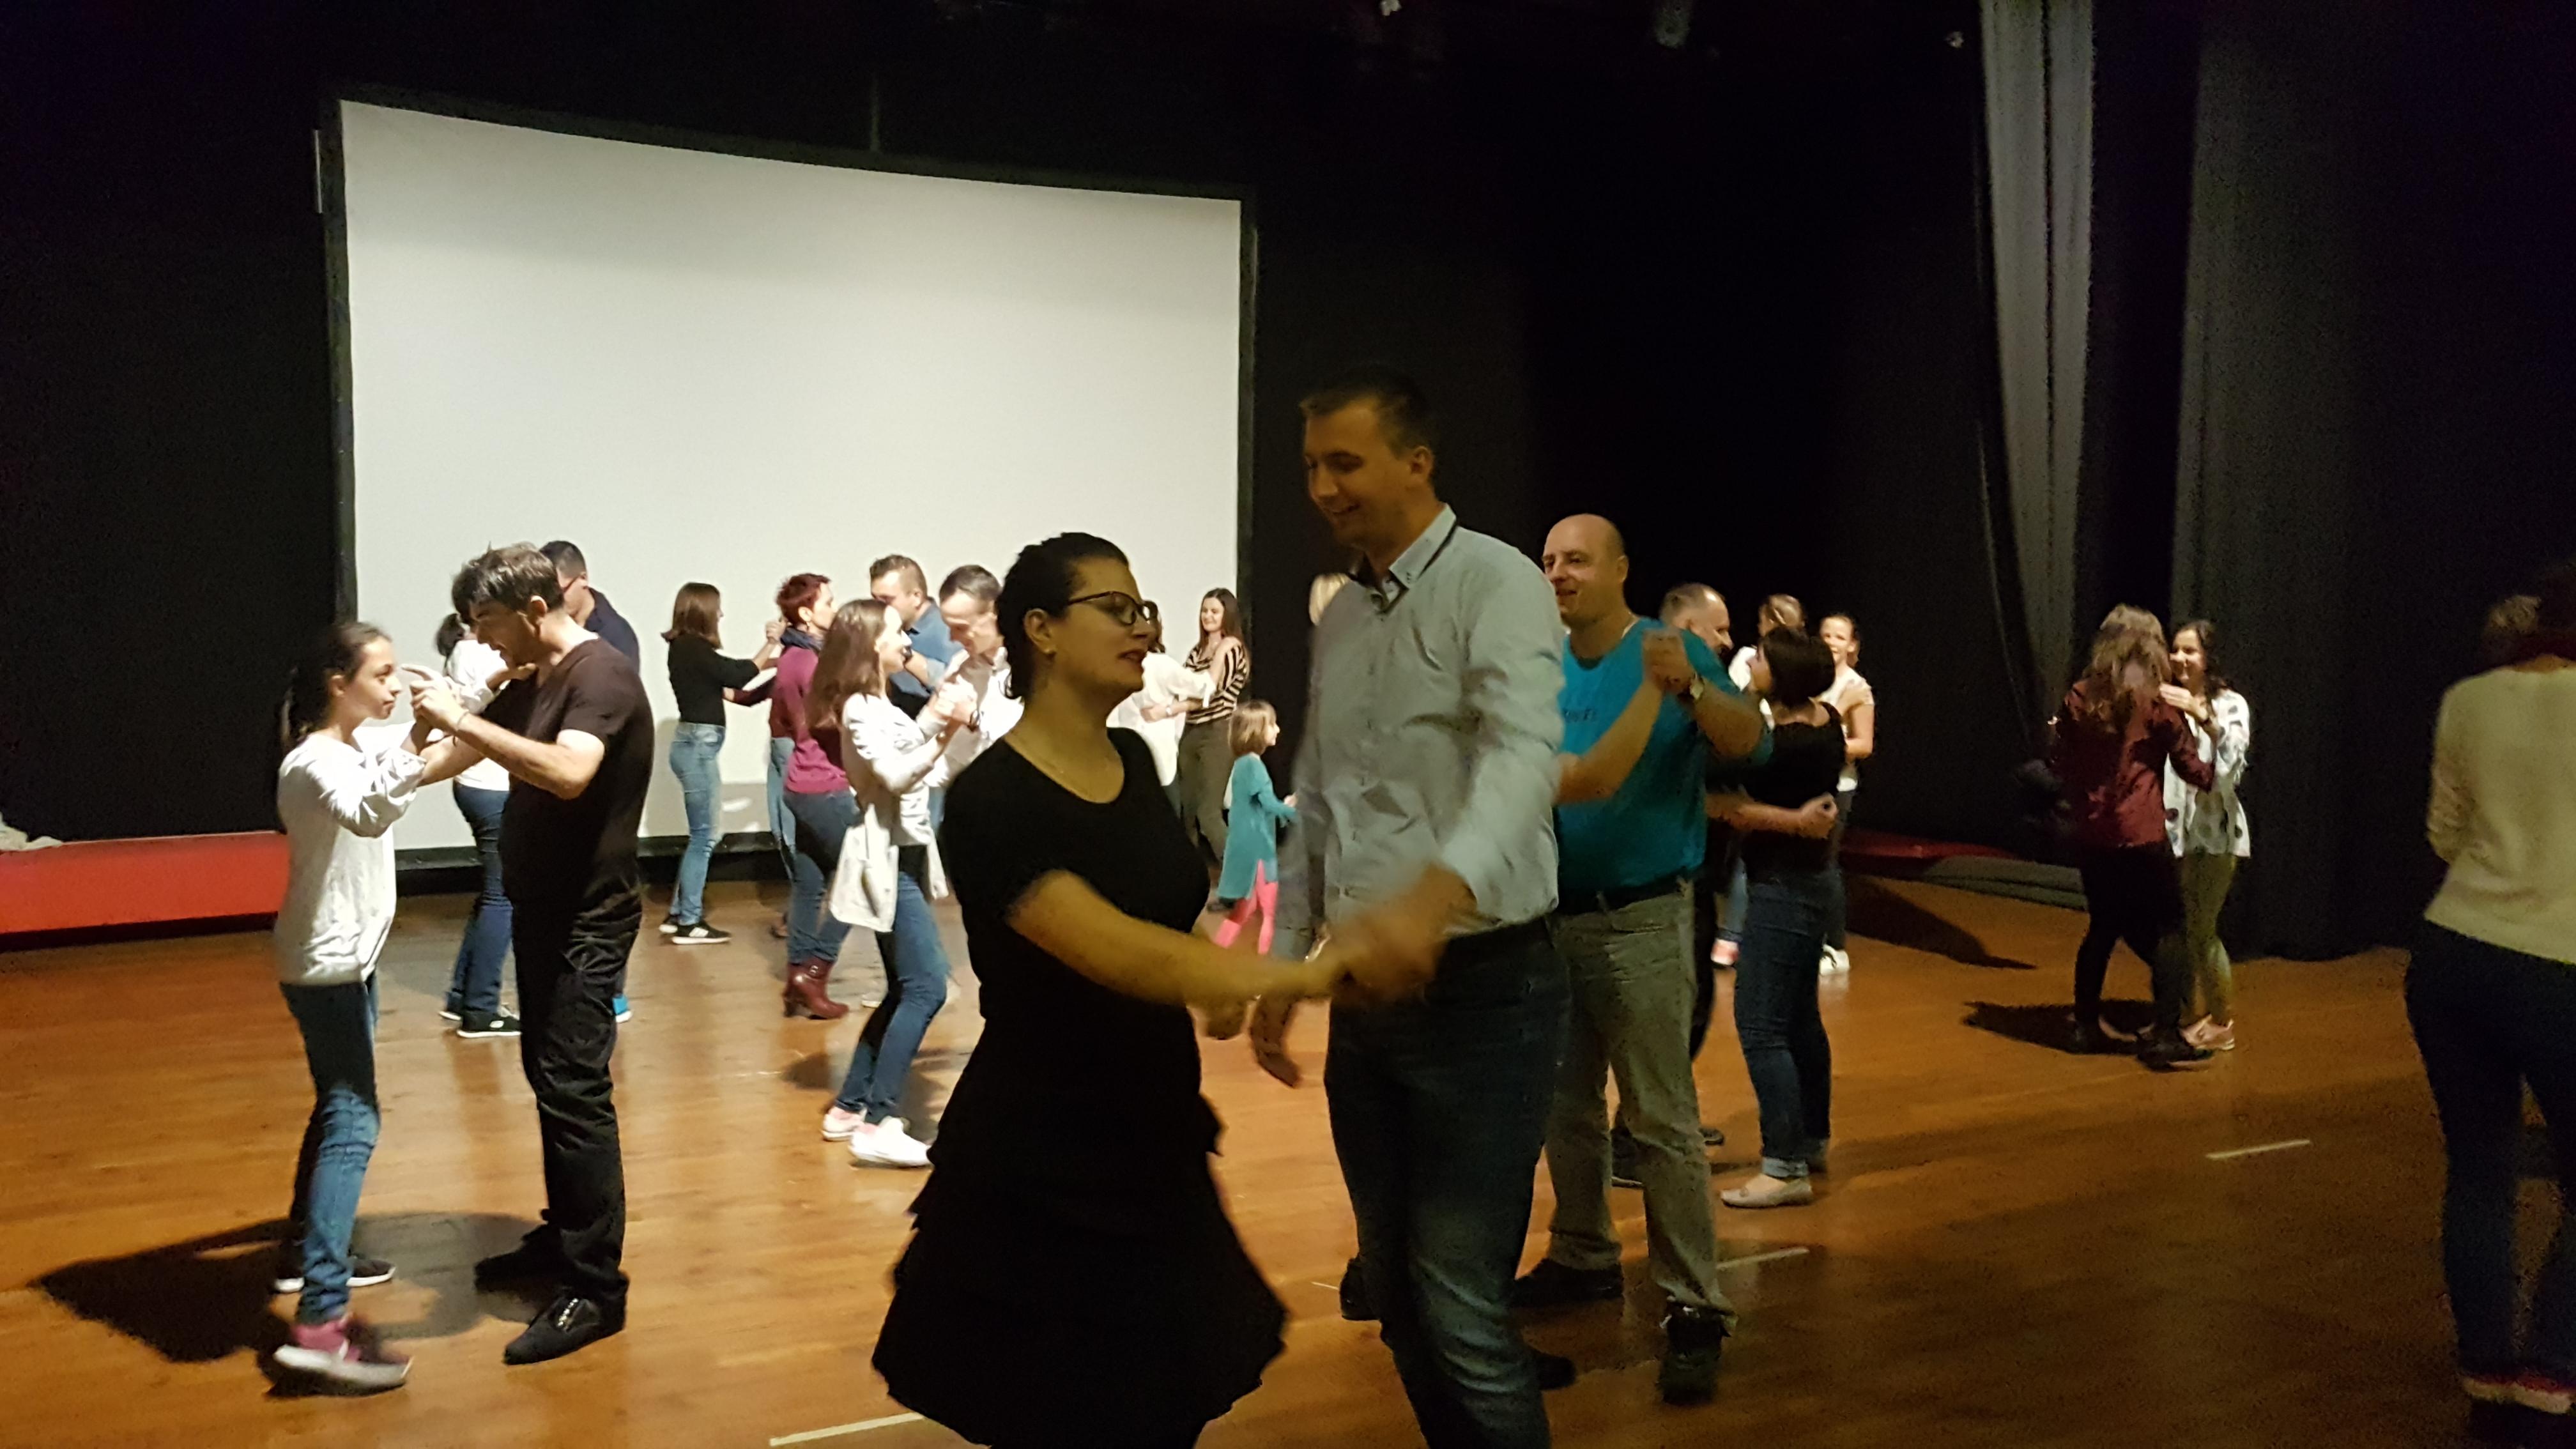 Večeras Škola plesa u Domu kulture – OBAVIJEST ZA POLAZNIKE